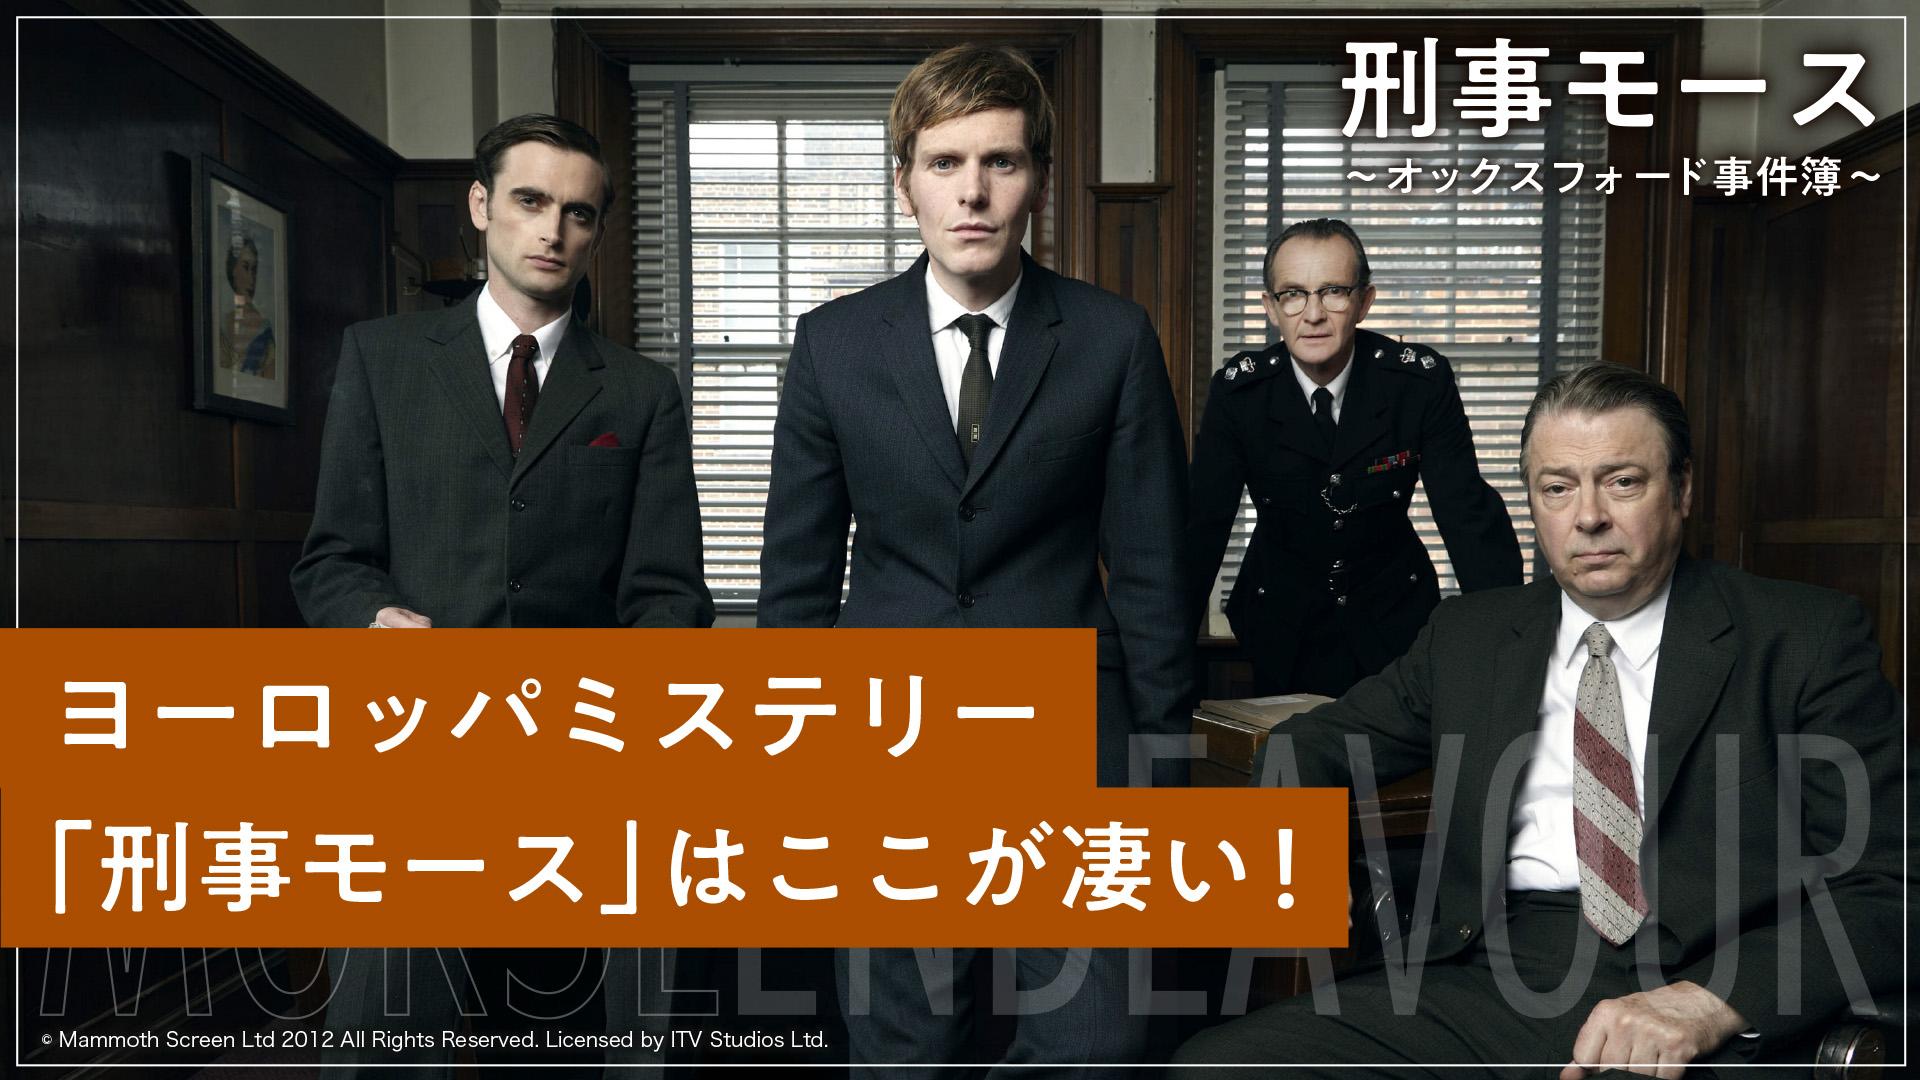 番組 きさらぎ 駅 テレビ